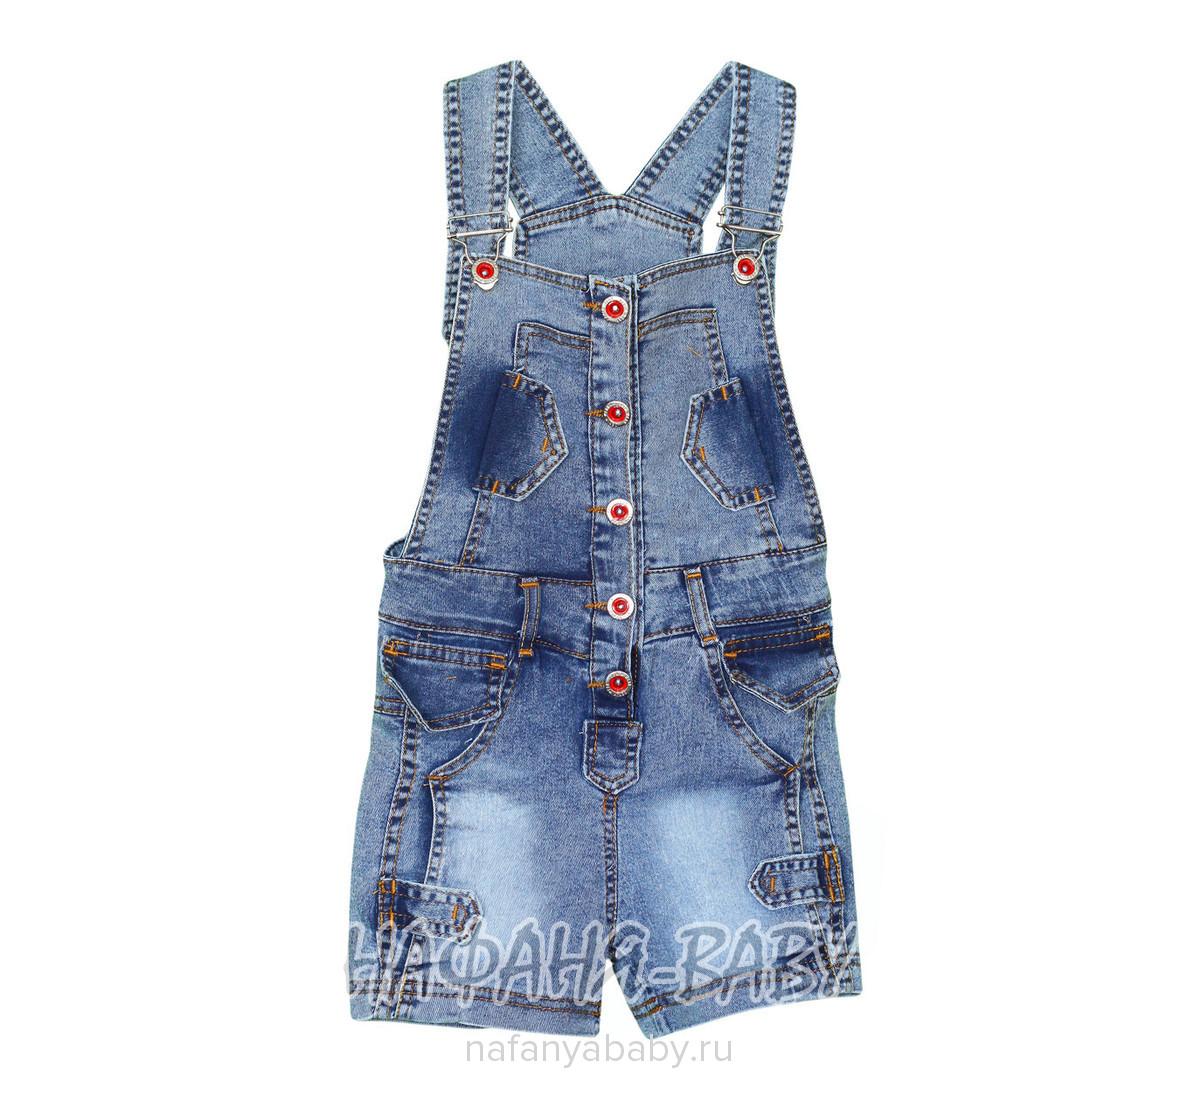 Детский джинсовый комбинезон-шорты AYNUR арт: 9234, 5-9 лет, цвет синий, оптом Турция